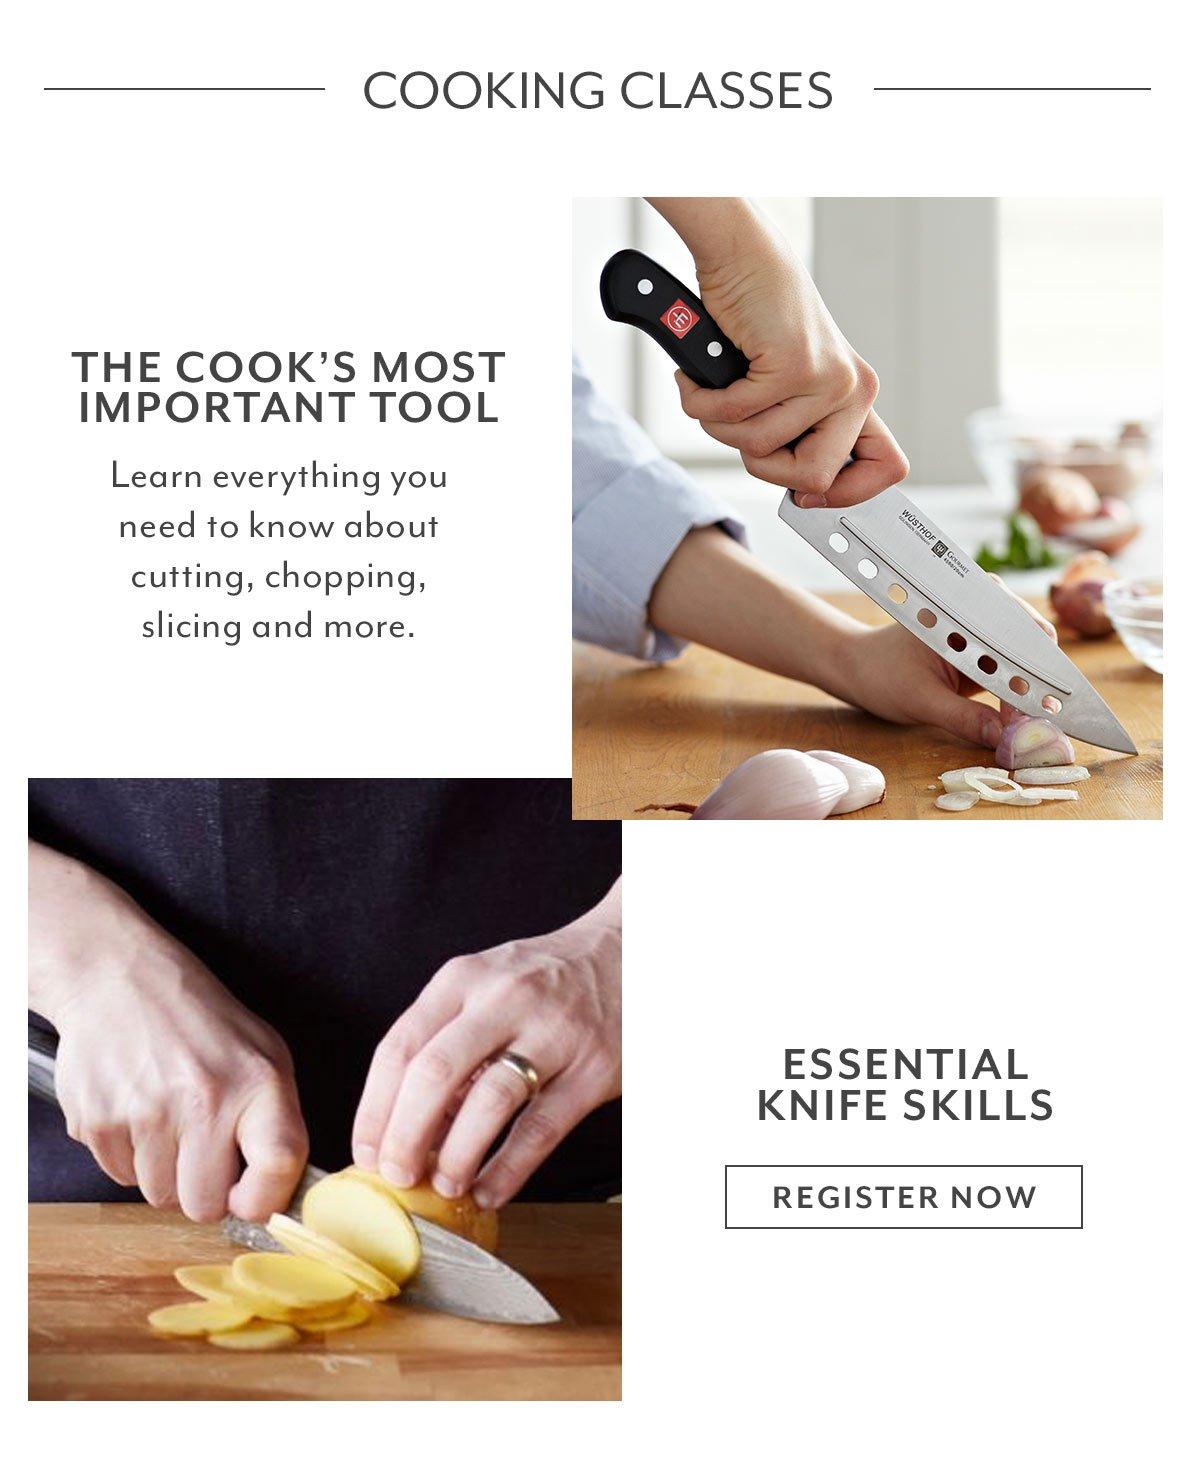 Essentials Knife Skills